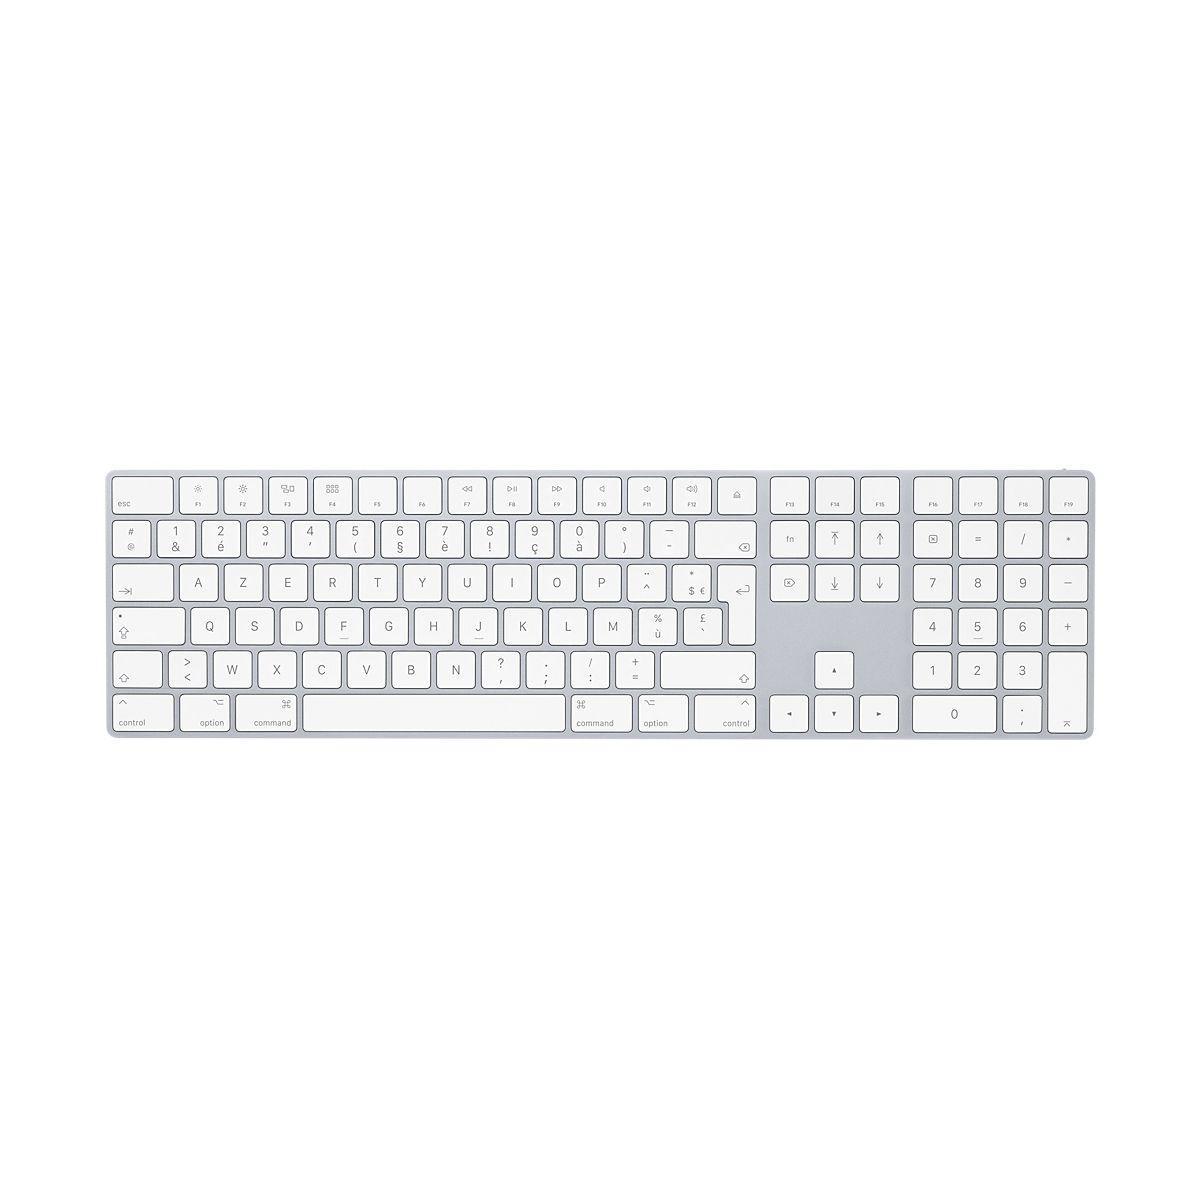 Clavier sans fil apple magic keyboard 2017 avec pad num?rique ...